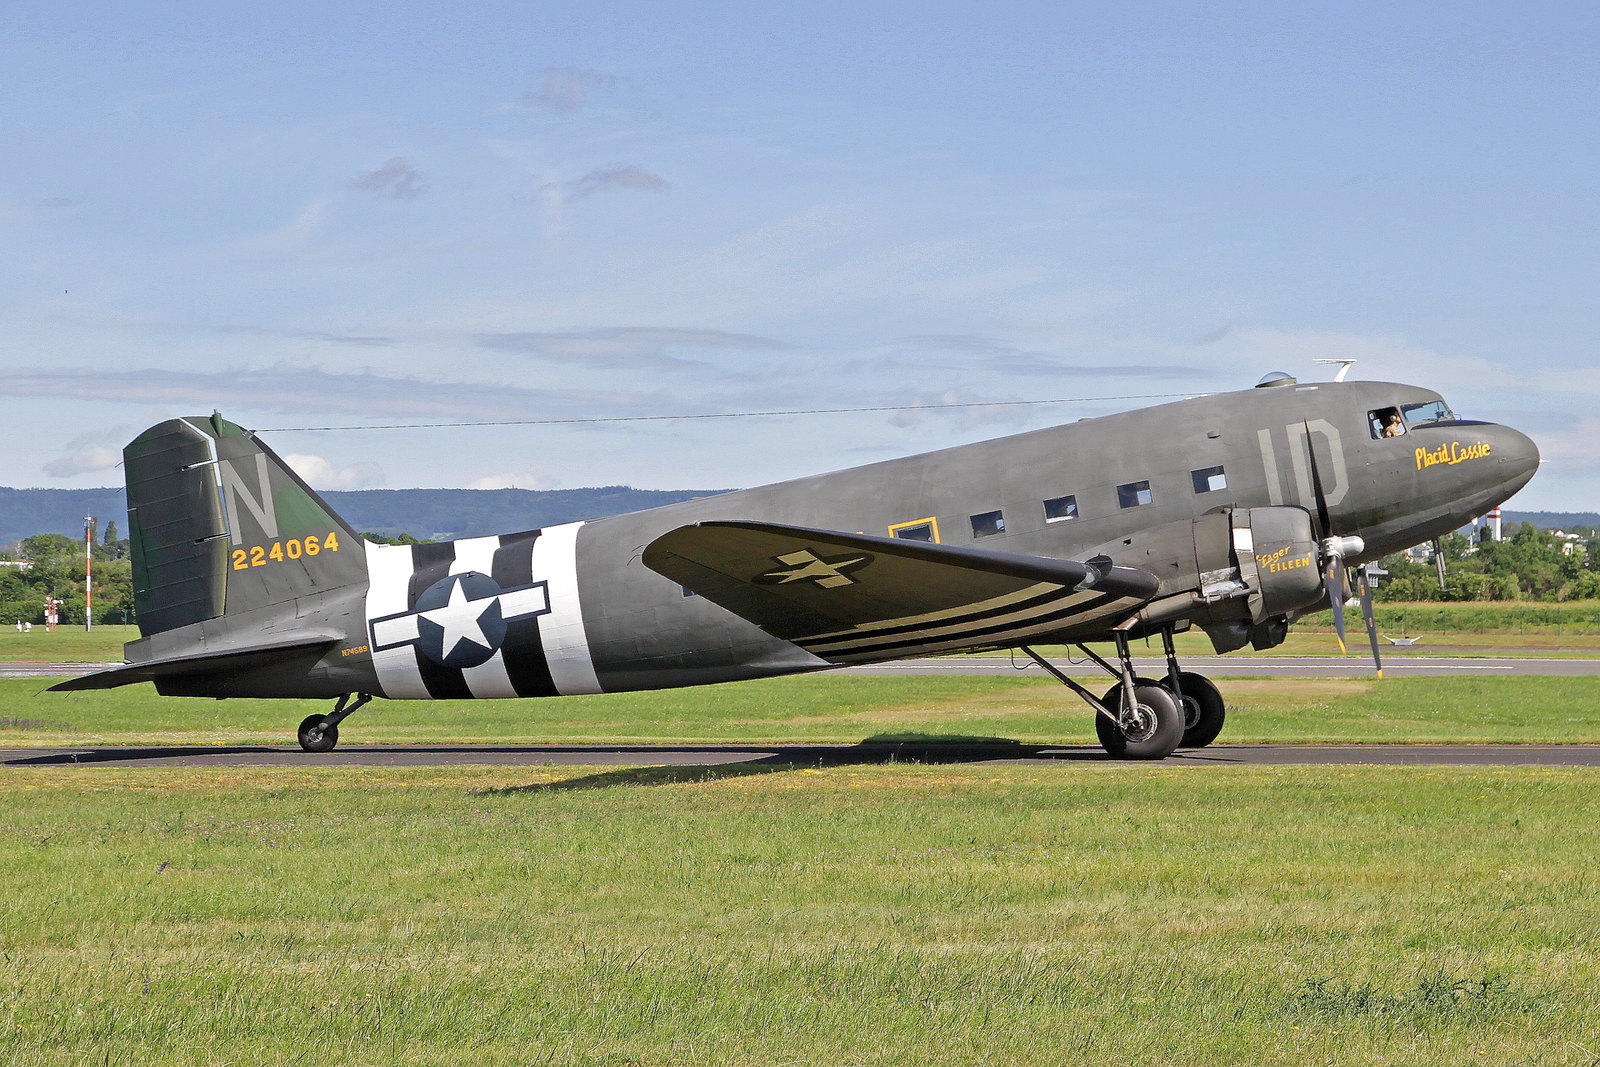 """N7458 - Diese Maschine wurde 1942 als eine C-47A-40-DL von Douglas in Long Beach gebaut, im 2. Weltkrieg erhielt sie von ihrer Besatzung den Namen """"Placid Lassie"""". Auf dem linken Motor ist der Name der Ehefrau des Crew Chief's zu sehen: """"Idling Ada""""."""